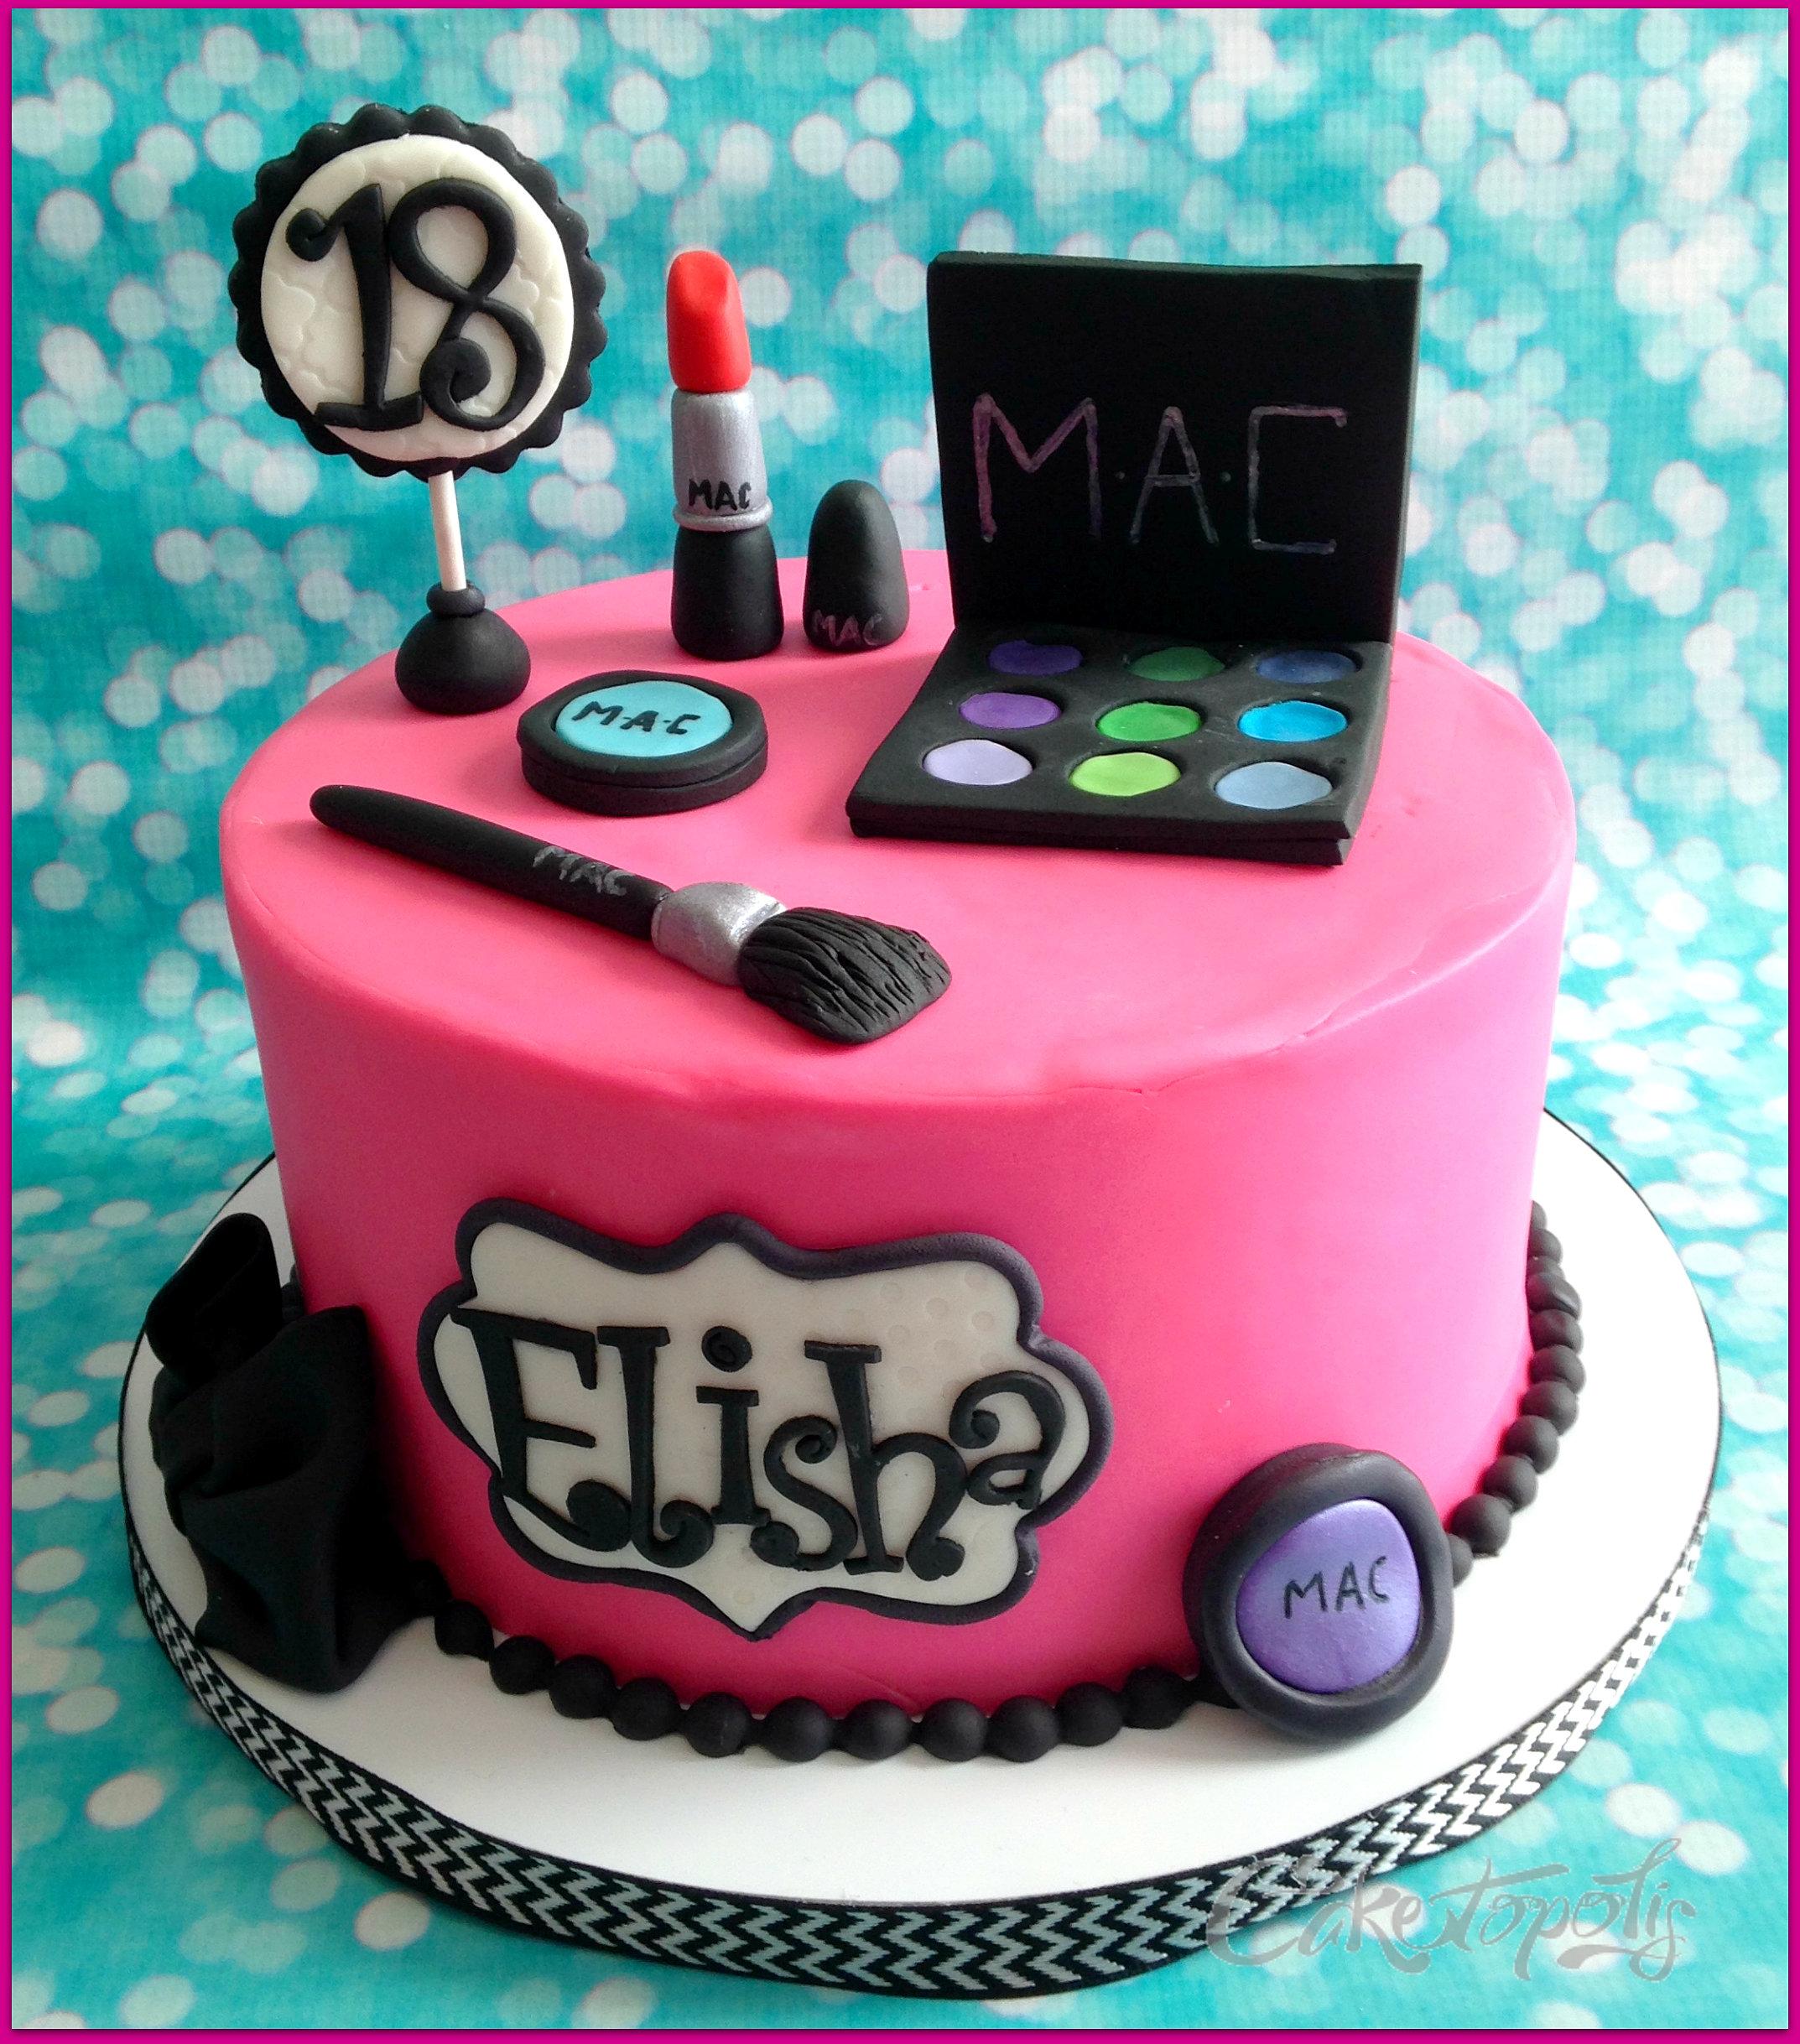 Makeup Cake Images